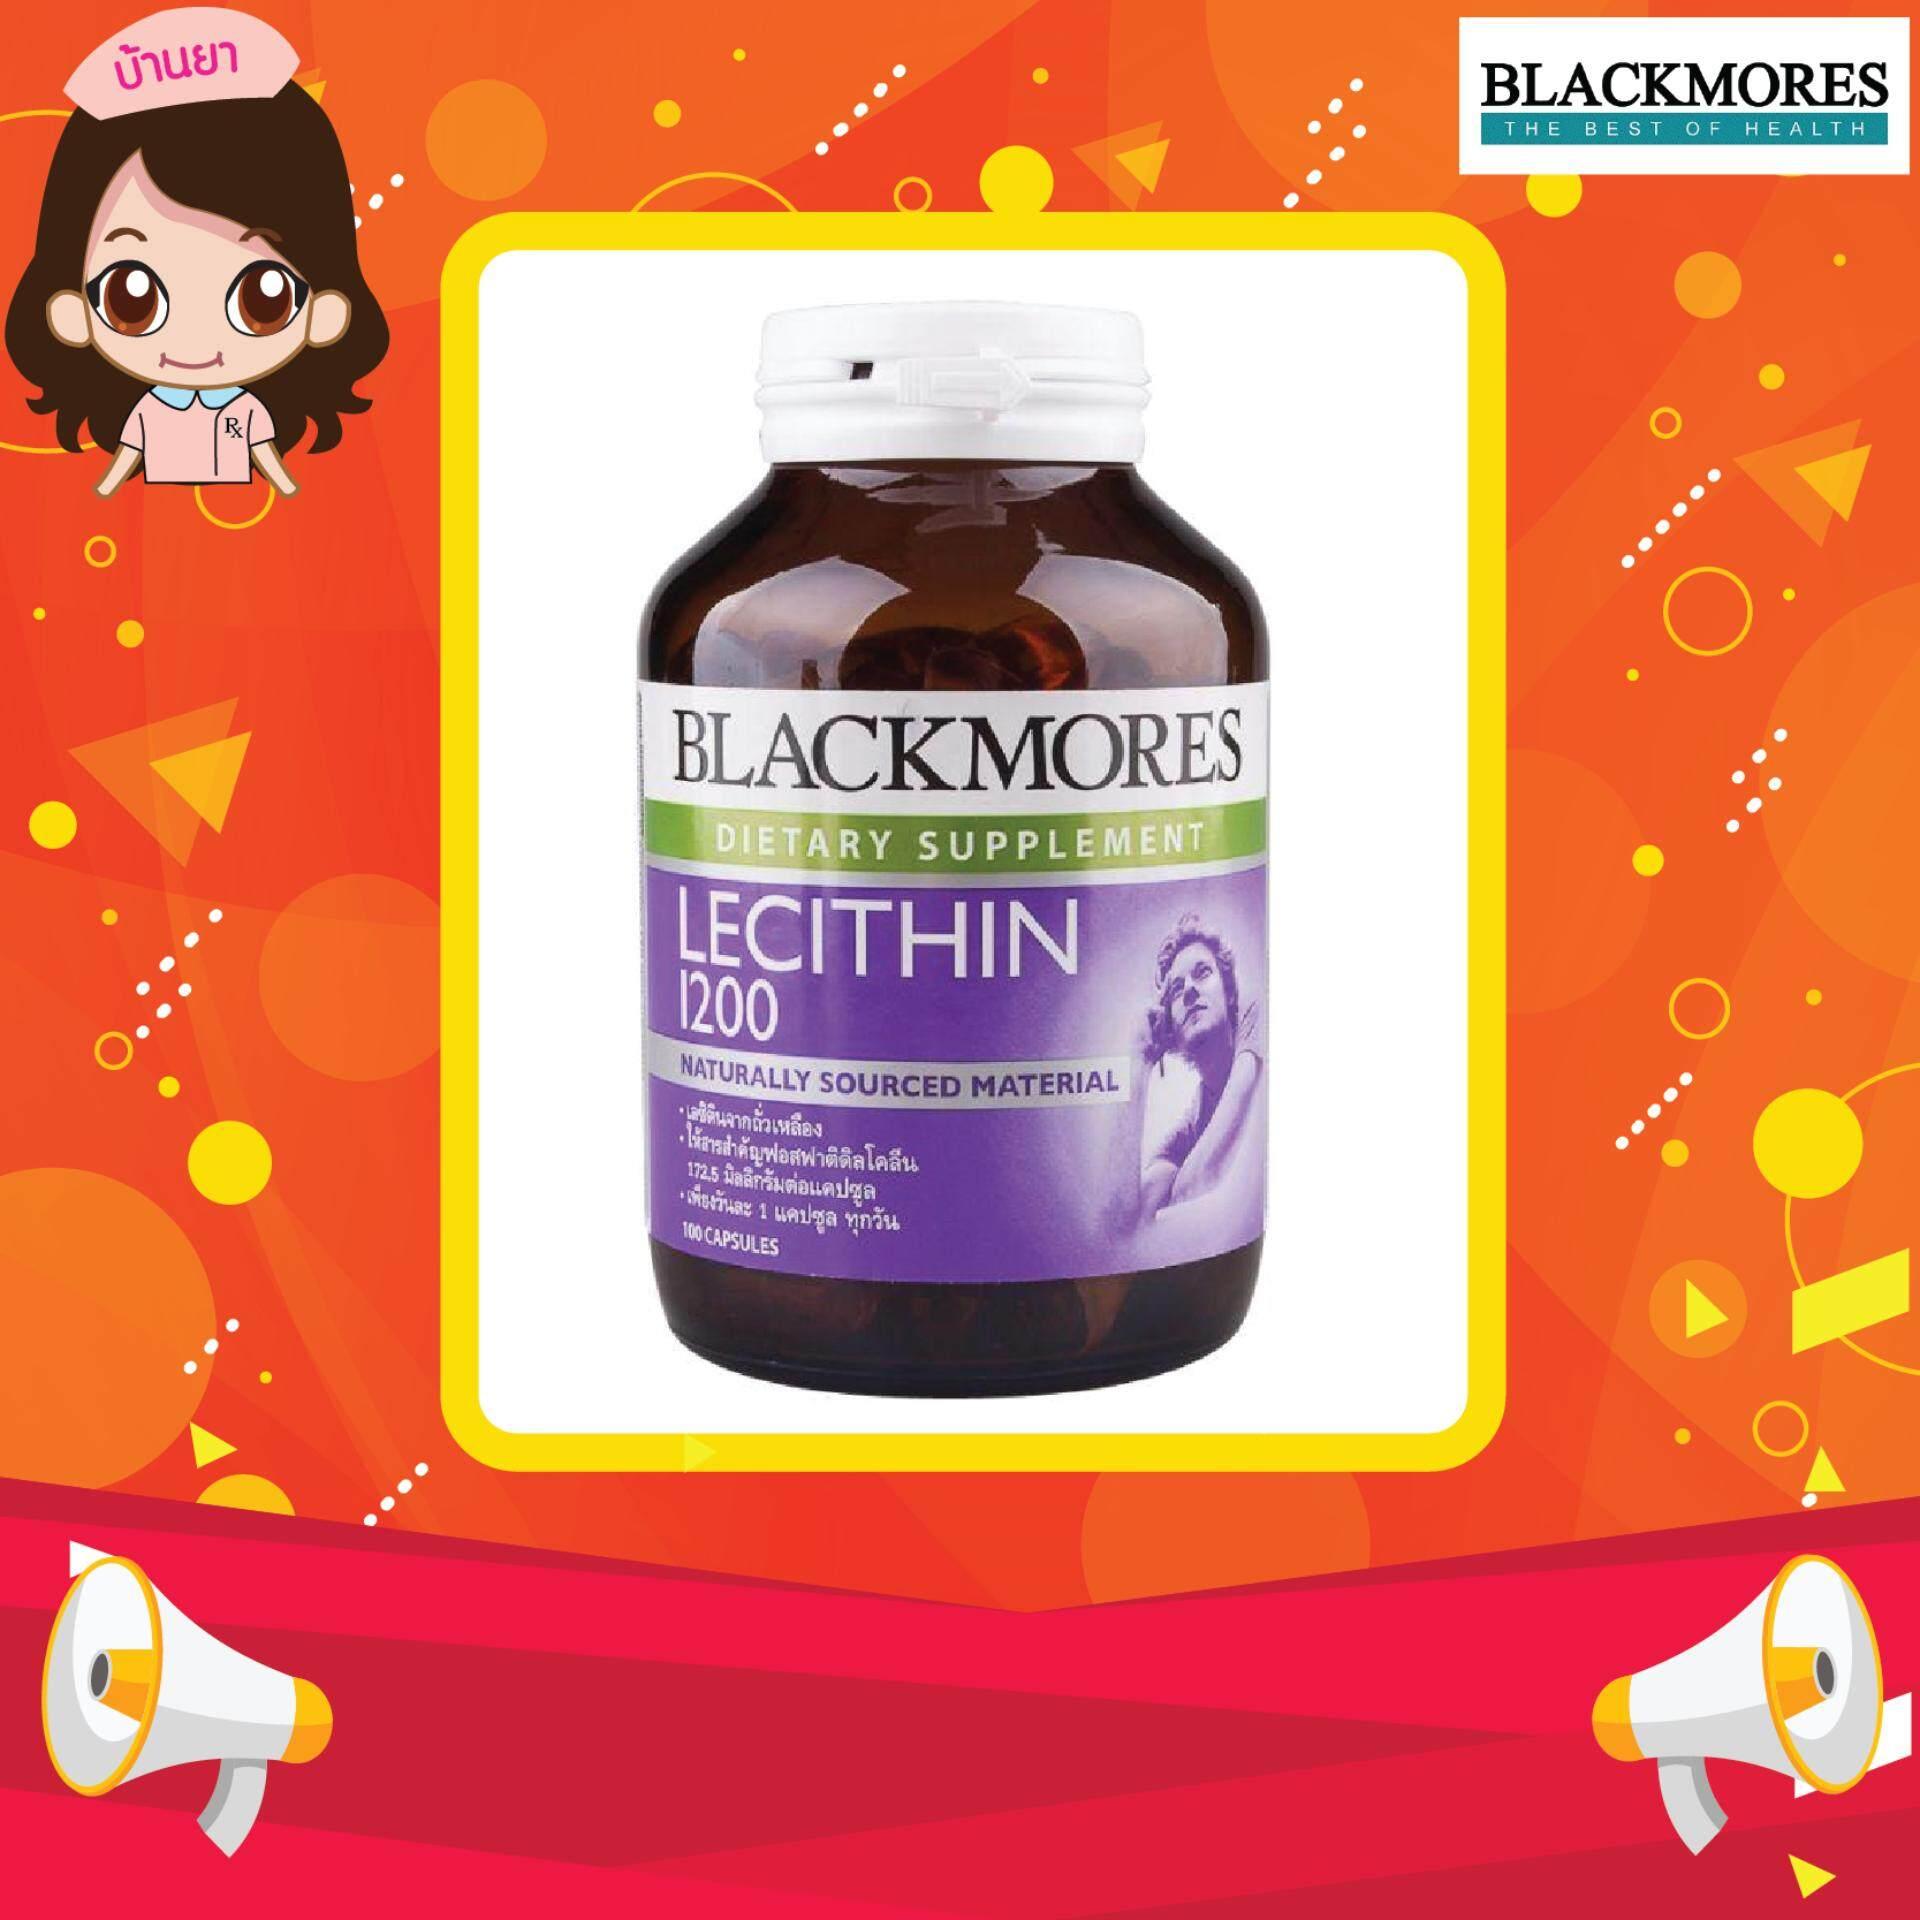 การใช้งาน  นครศรีธรรมราช Blackmores Lecithin 1200 mg 100 เม็ด บำรุงสมอง